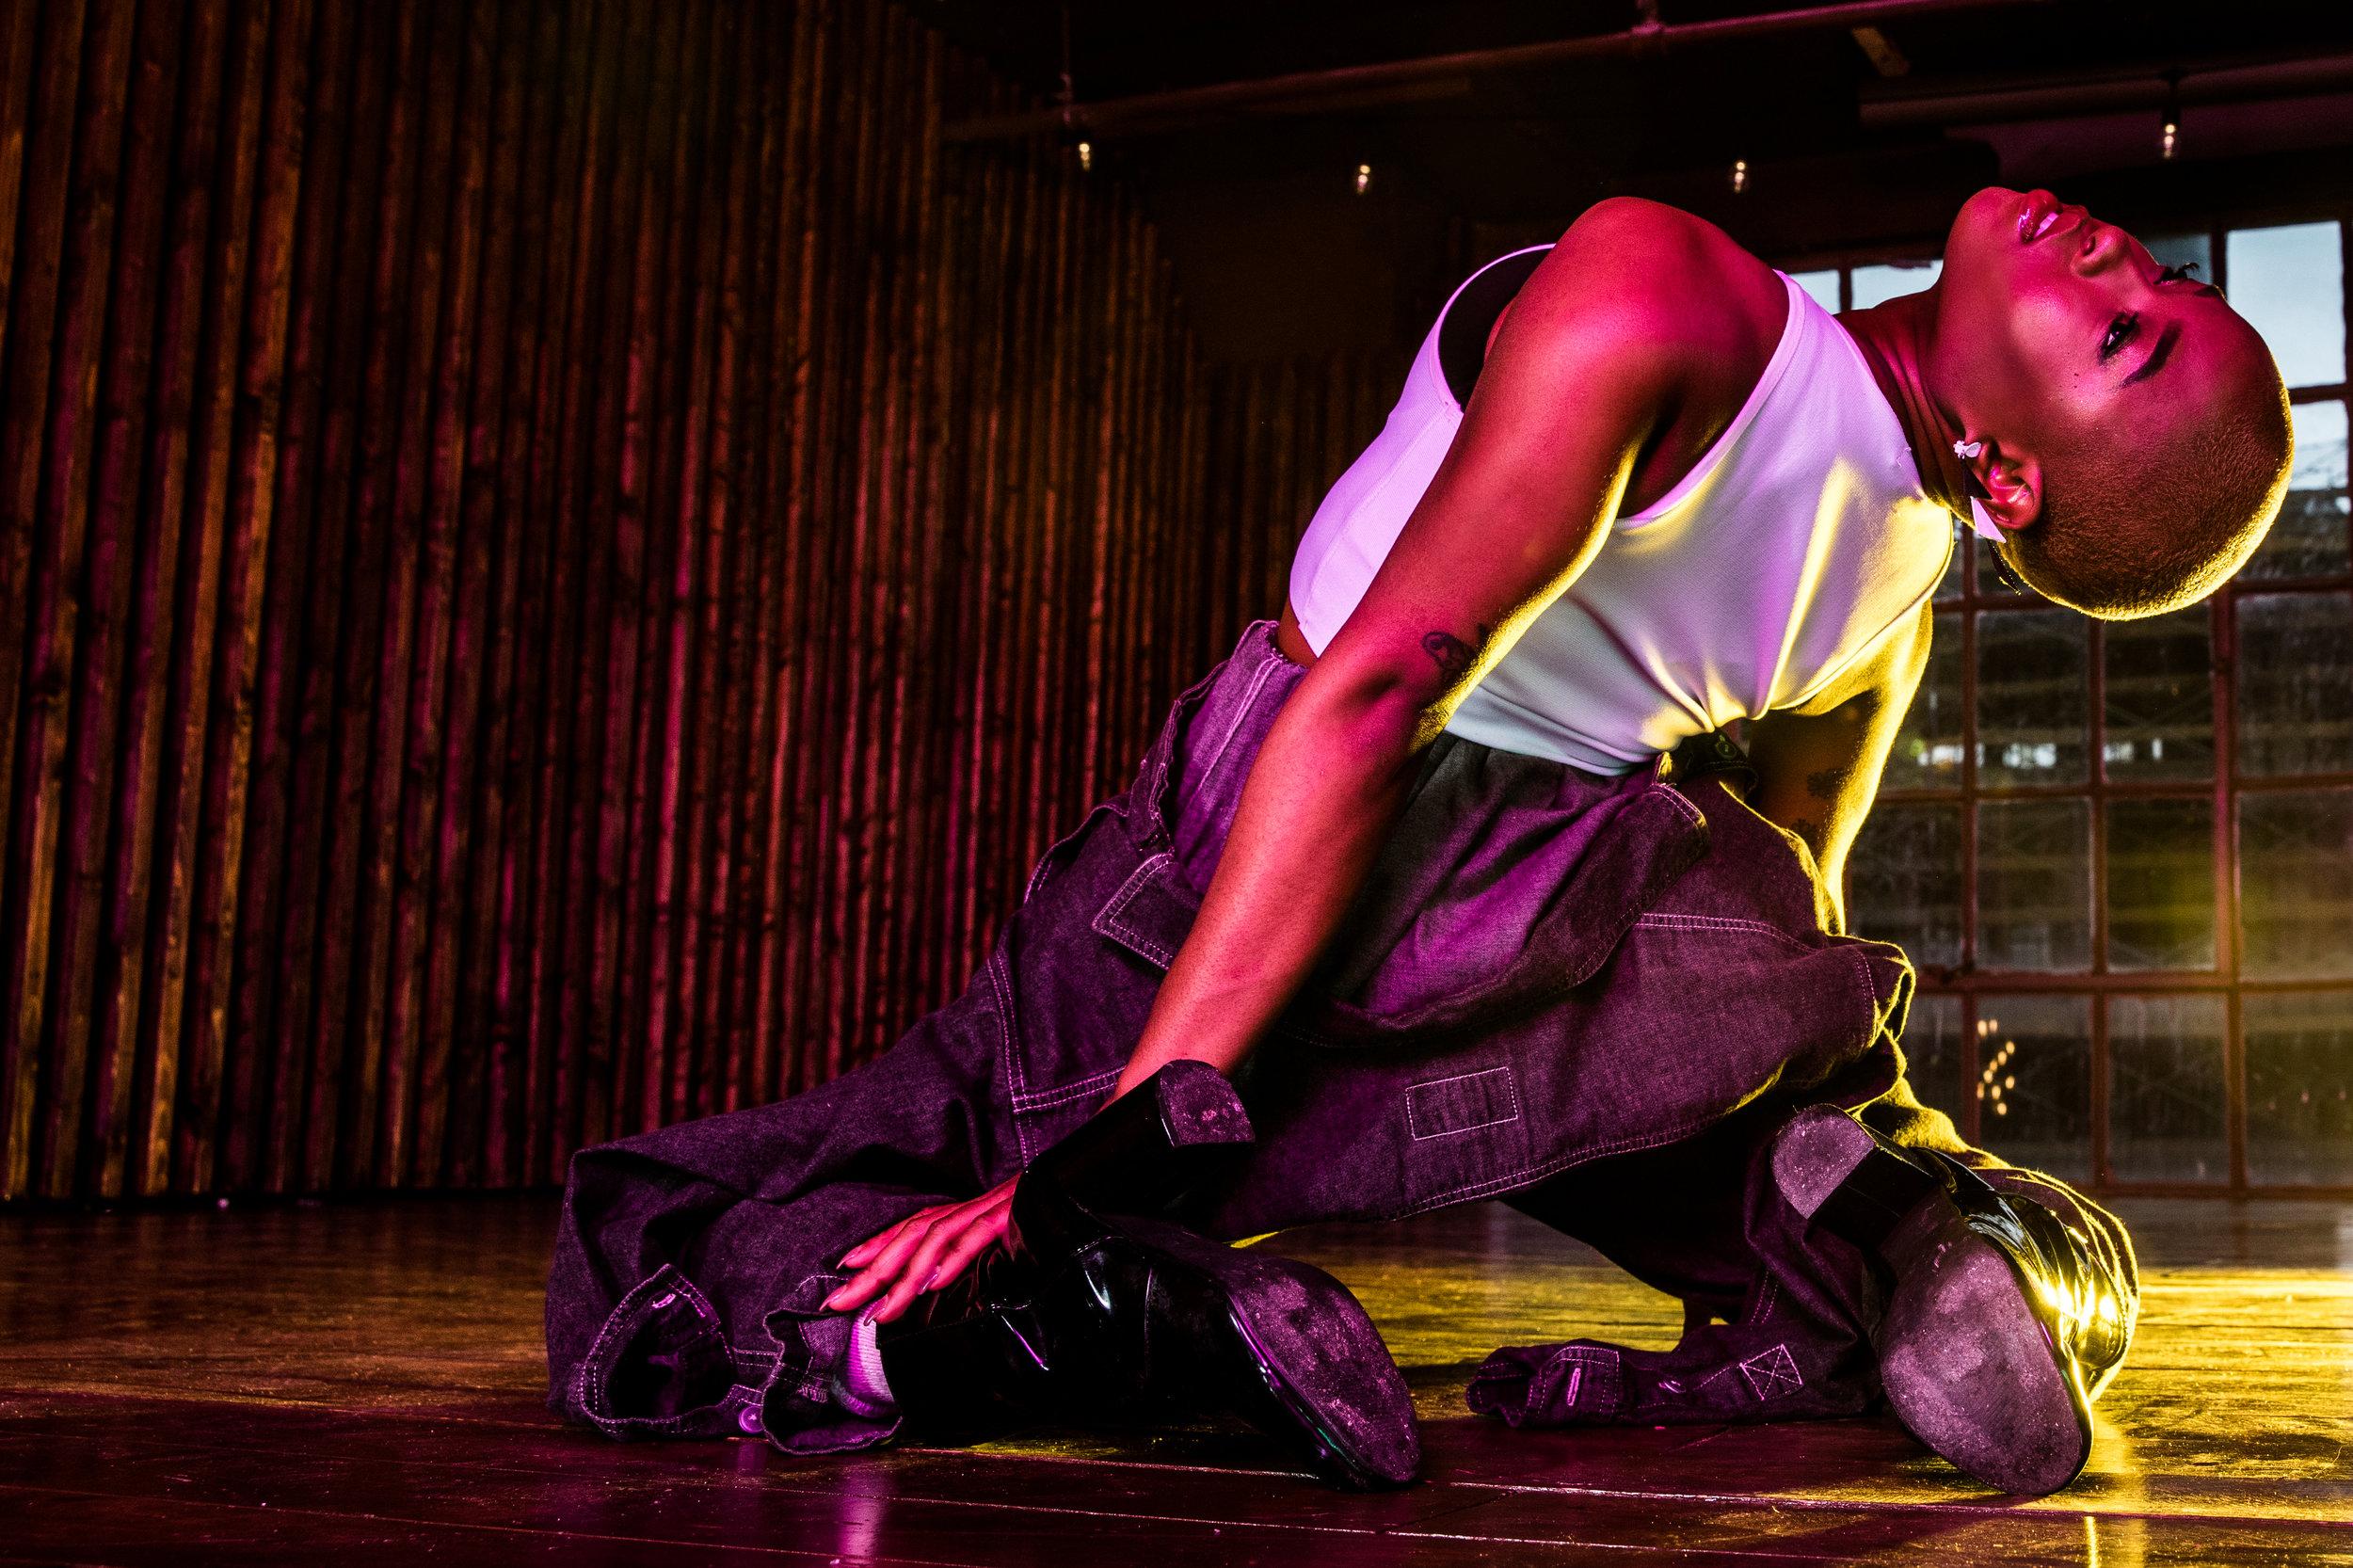 BWAYCOM_GOTTA_DANCE_4_26_19_00914.jpg